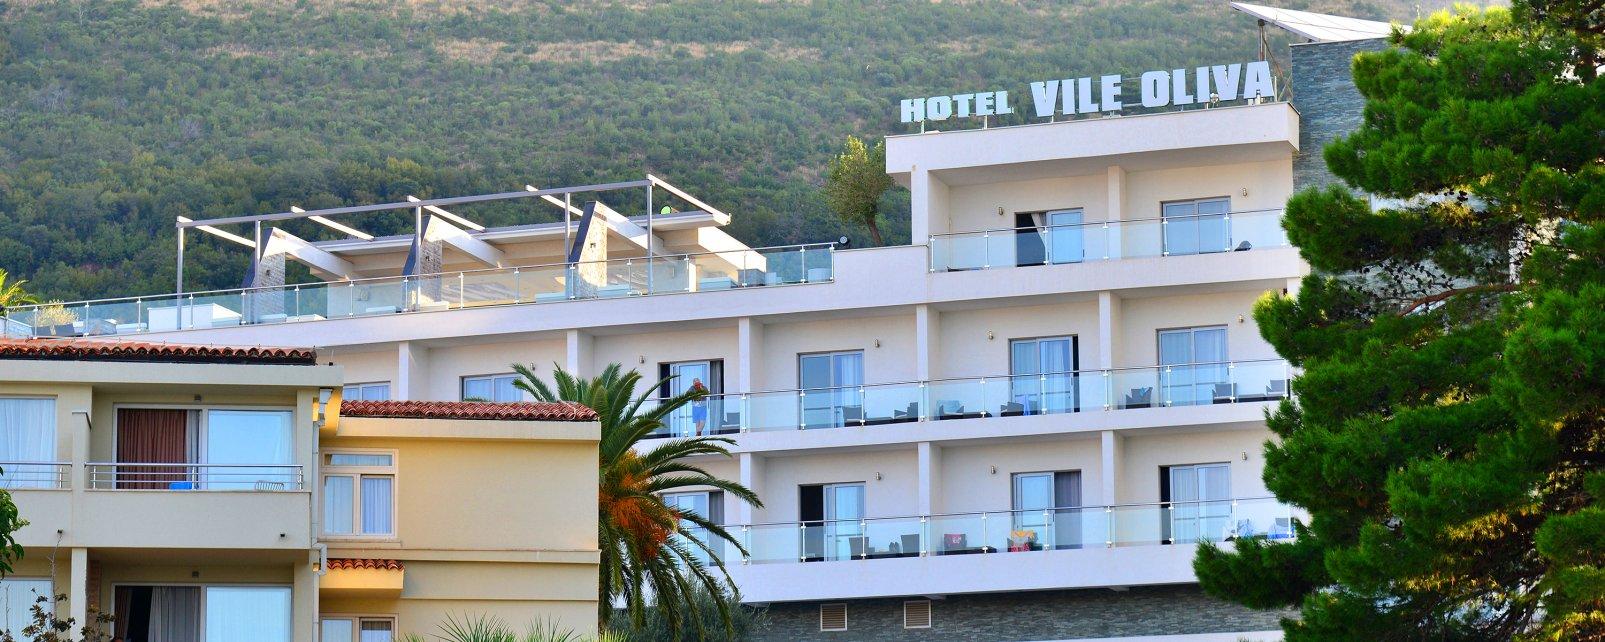 Hotel Club Jumbo Vile Oliva